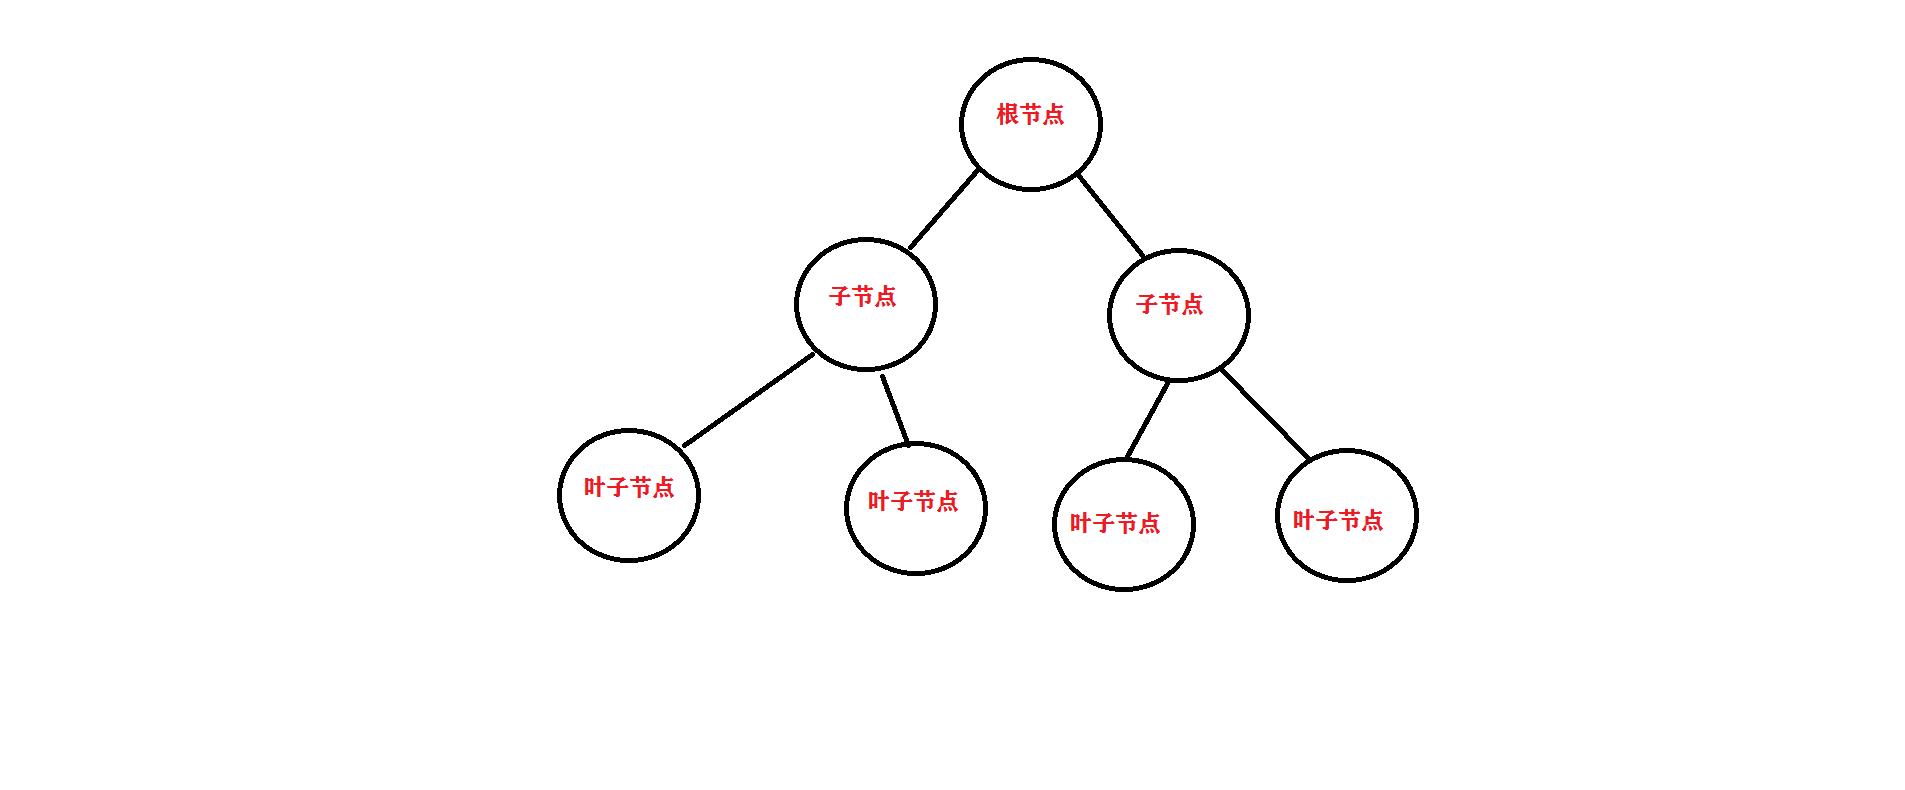 程序员必备技能:设计模式之——组合模式